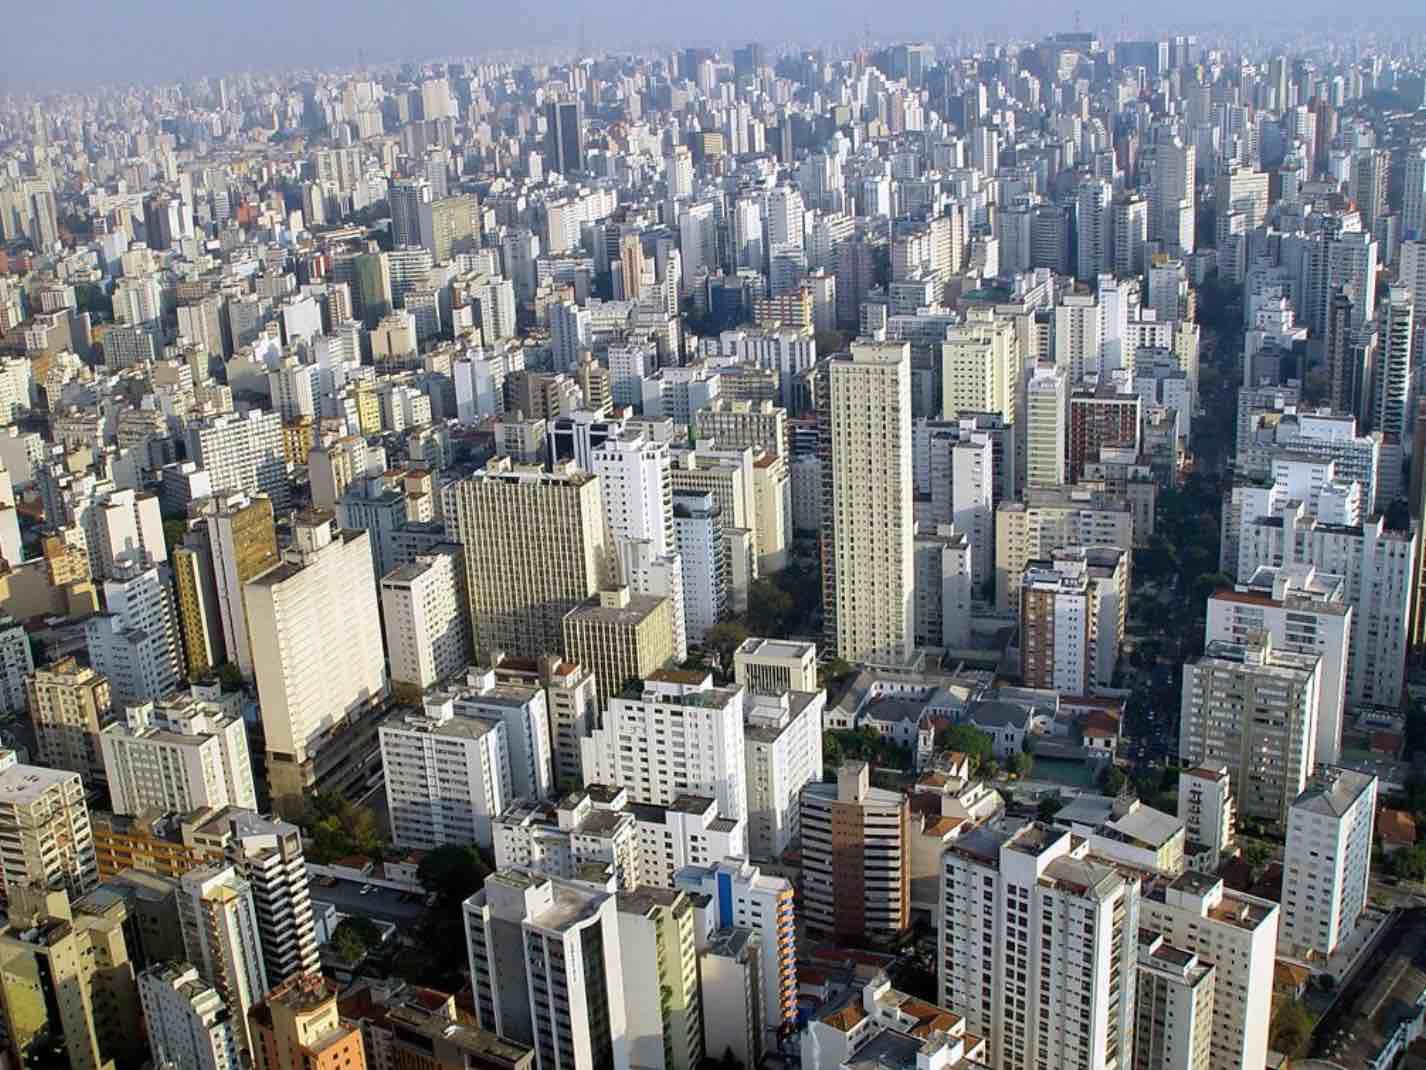 Le manque d'eau touche le cœur de Sao Paulo, poumon économique du Brésil